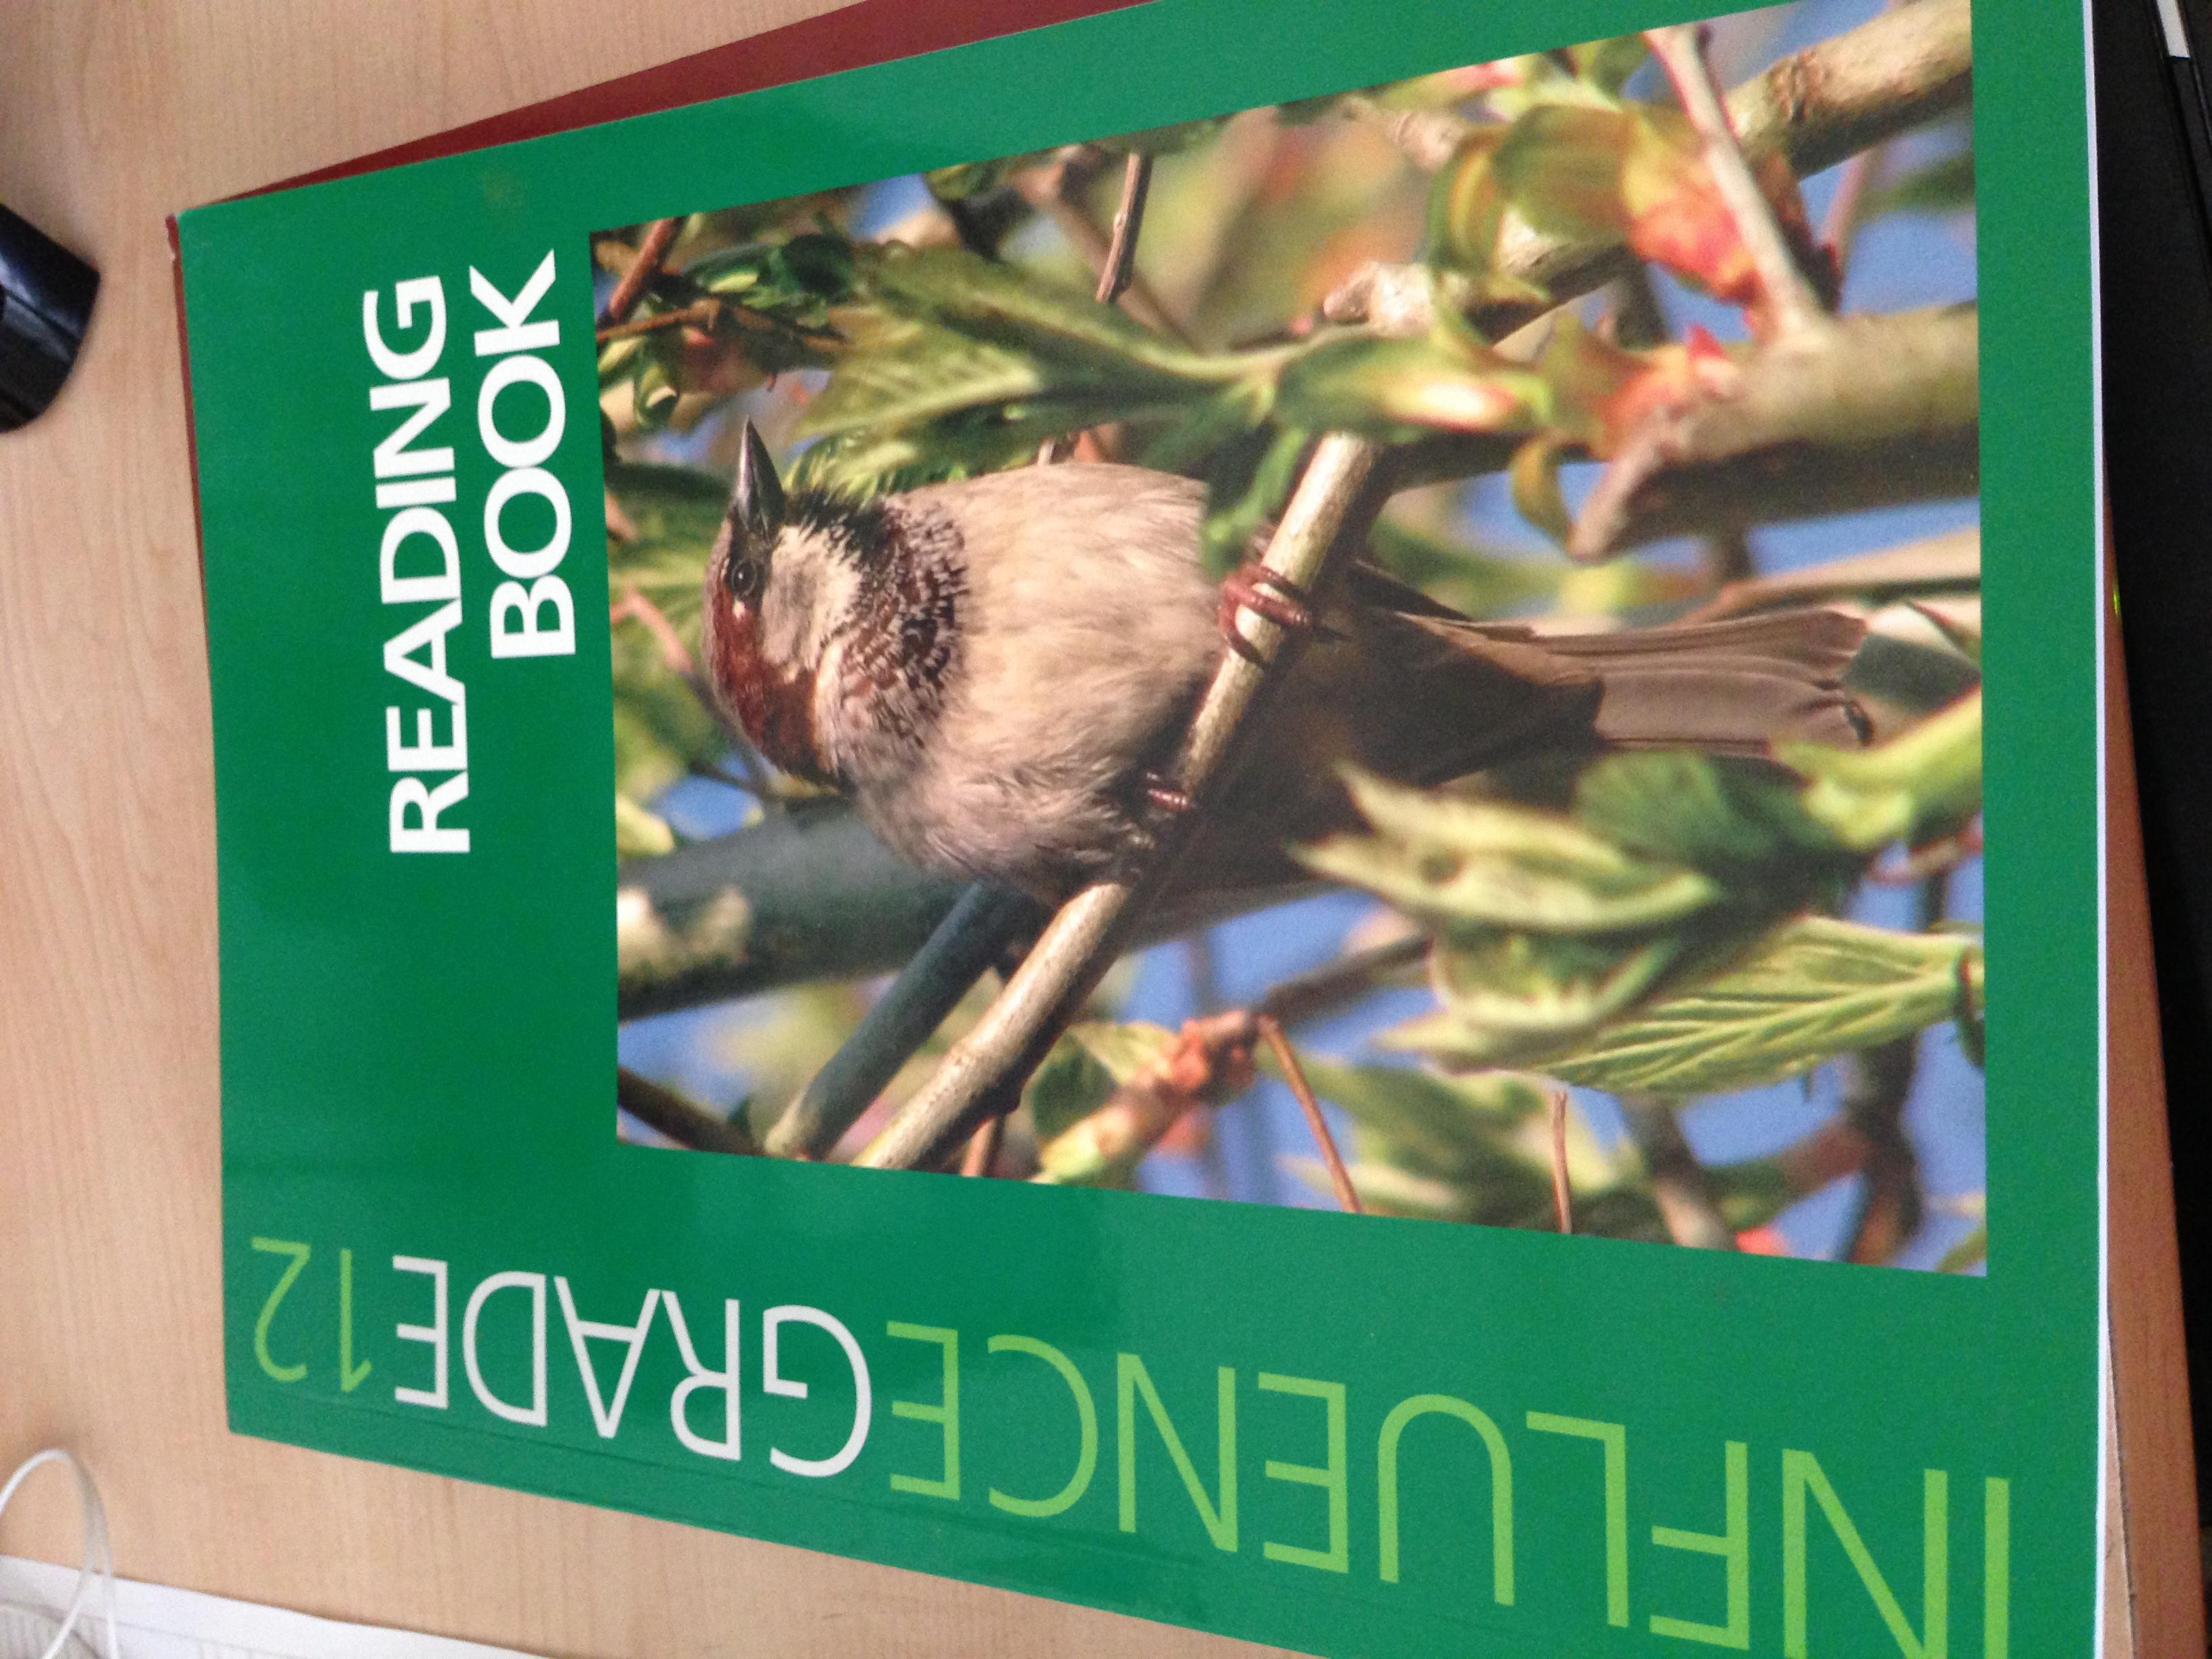 Satilik Ingilizce Setler Kitaplar Lys 5 Hazırlık Elsyds Kaynakları